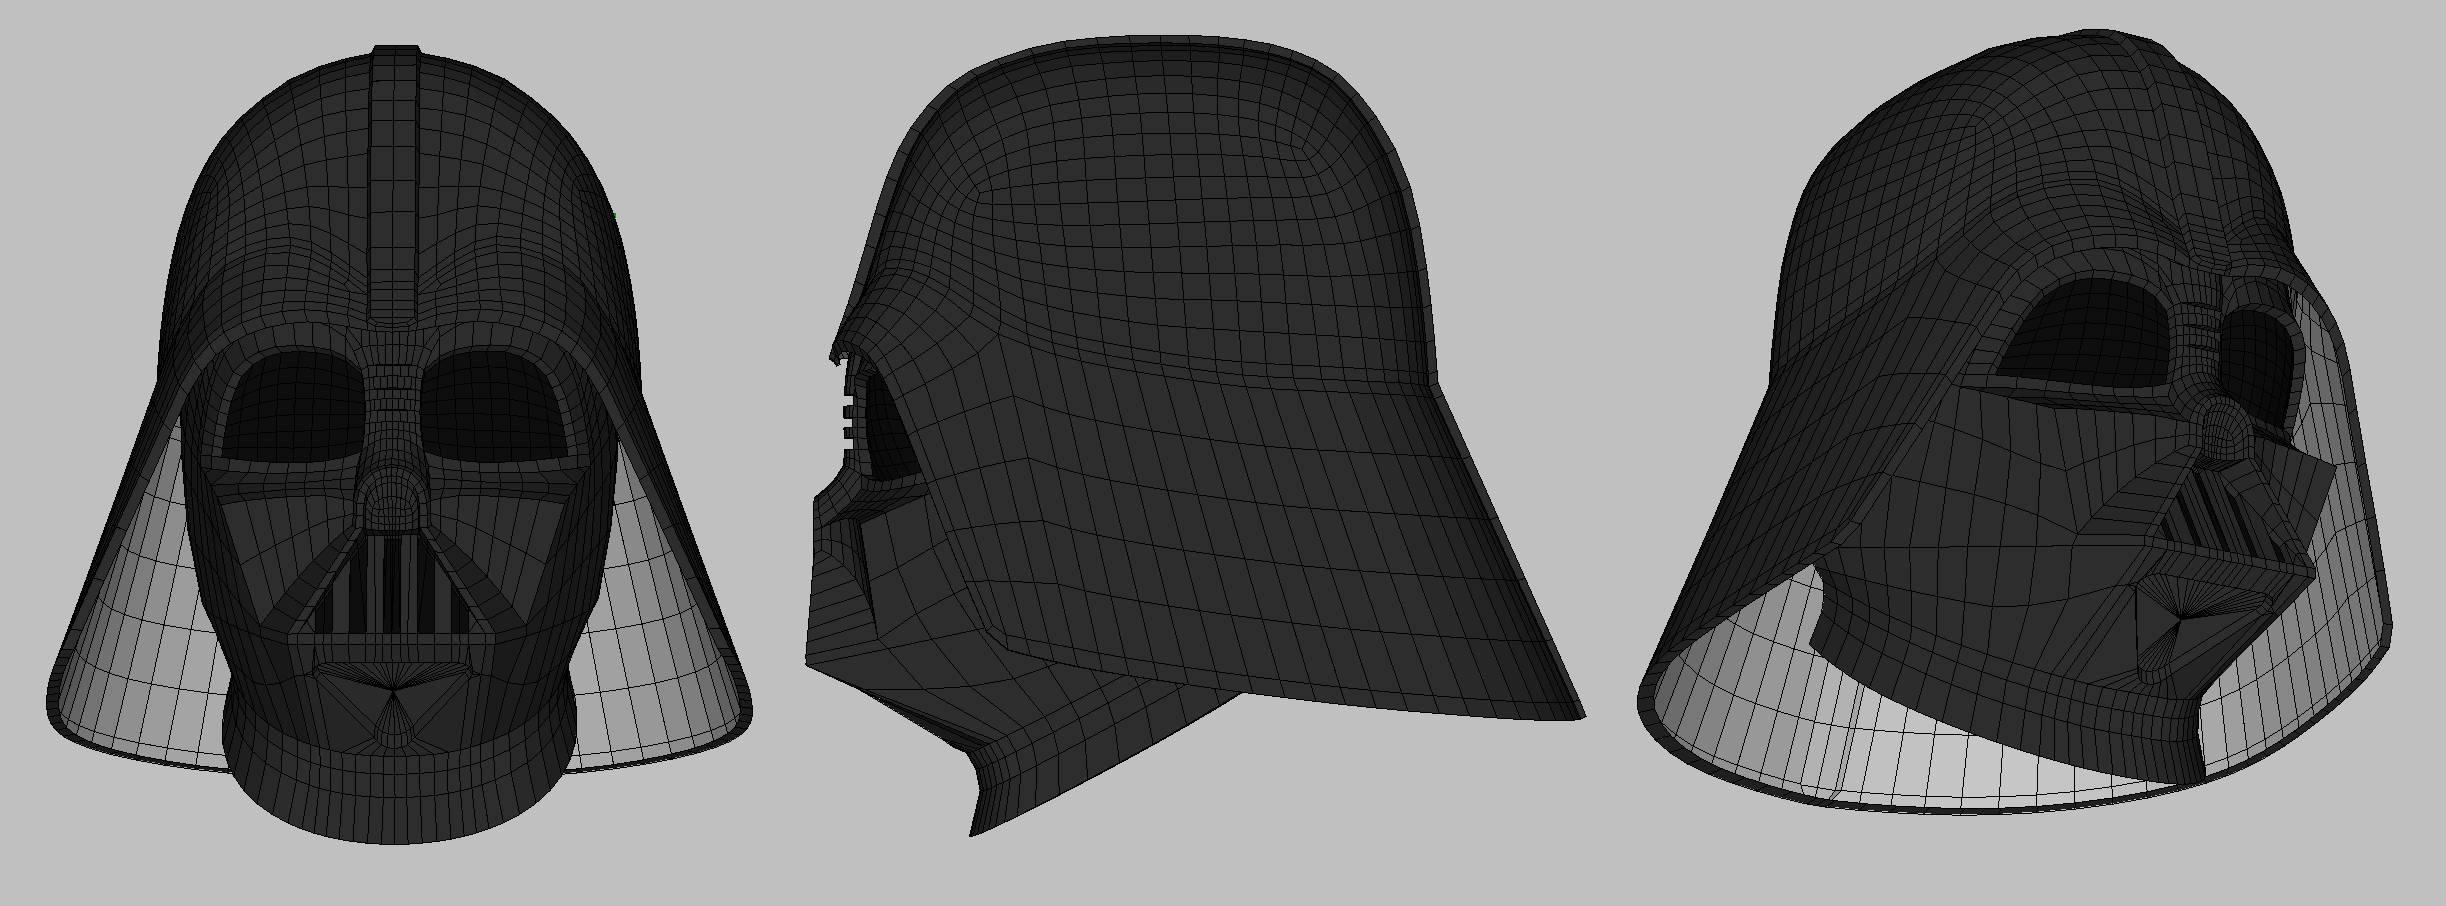 Darth Vader Helmet Etsy